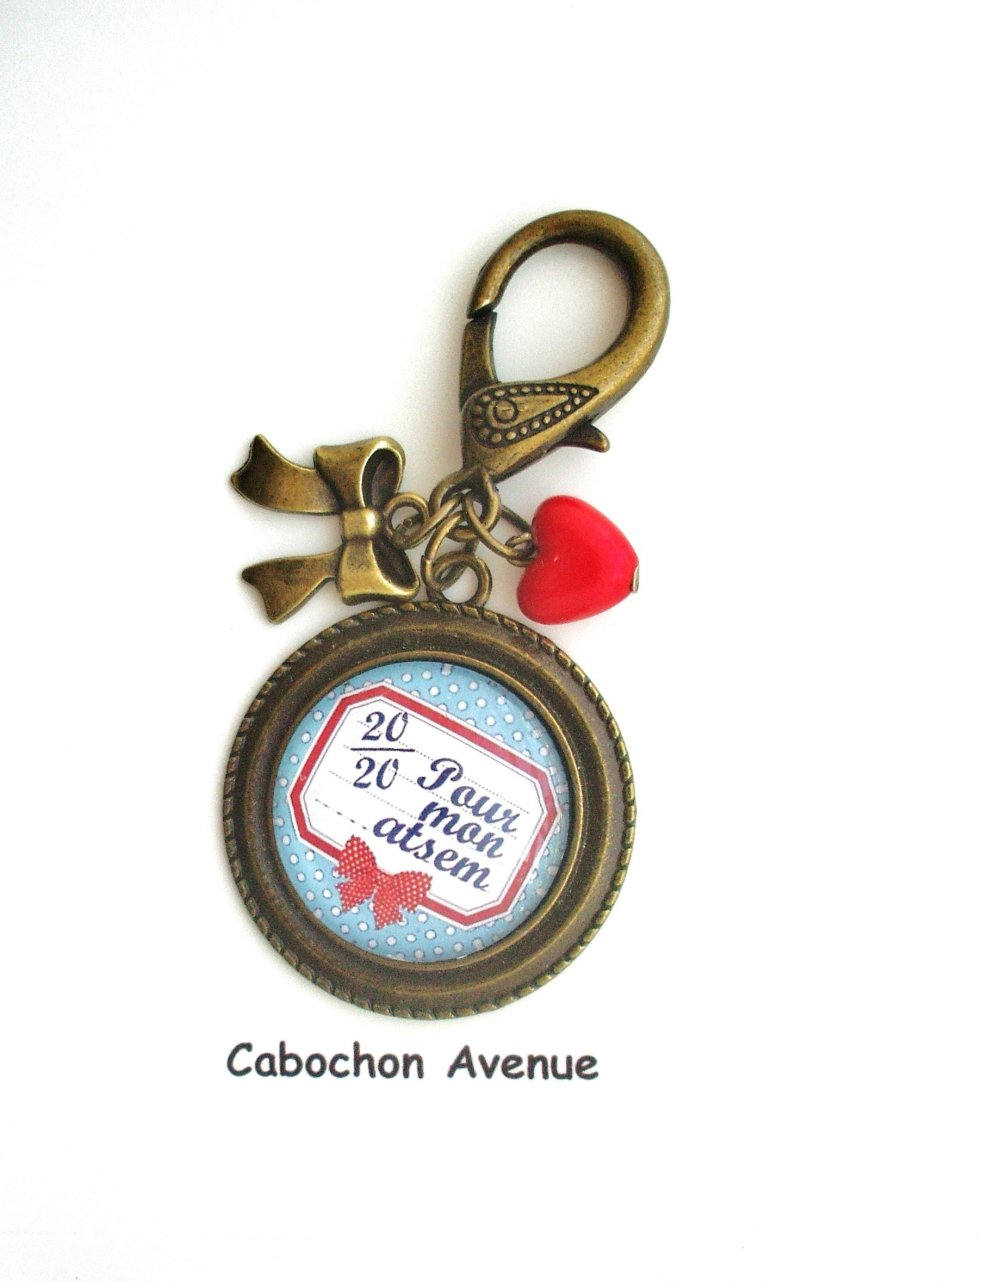 Bijou de sac 20/20 pour mon ATSEM Bijou fantaisie cabochon ATSEM Idée cadeau fin d'année cadeau Atsem accessoire bronze verre